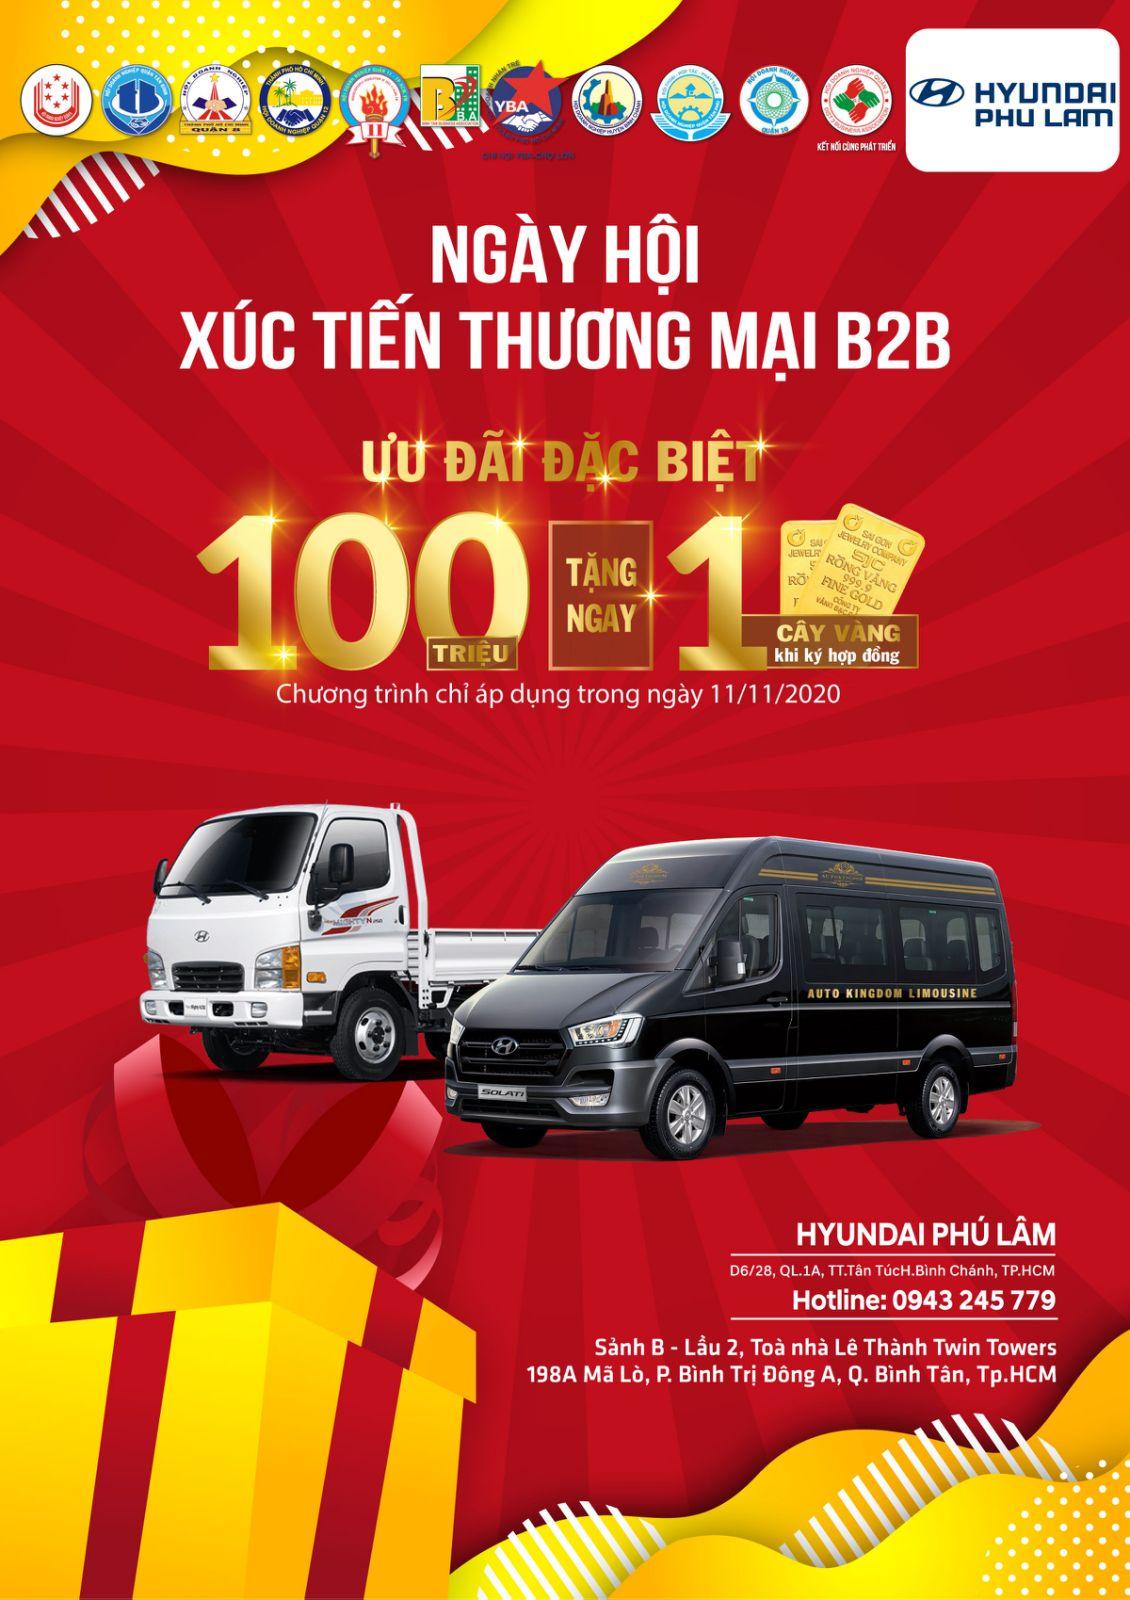 solarti-limousine Ngày hội xúc tiến thương mại trải nghiệm xe khách Solati Limuonsine tại Bình Tân   Hyundai Phú Lâm